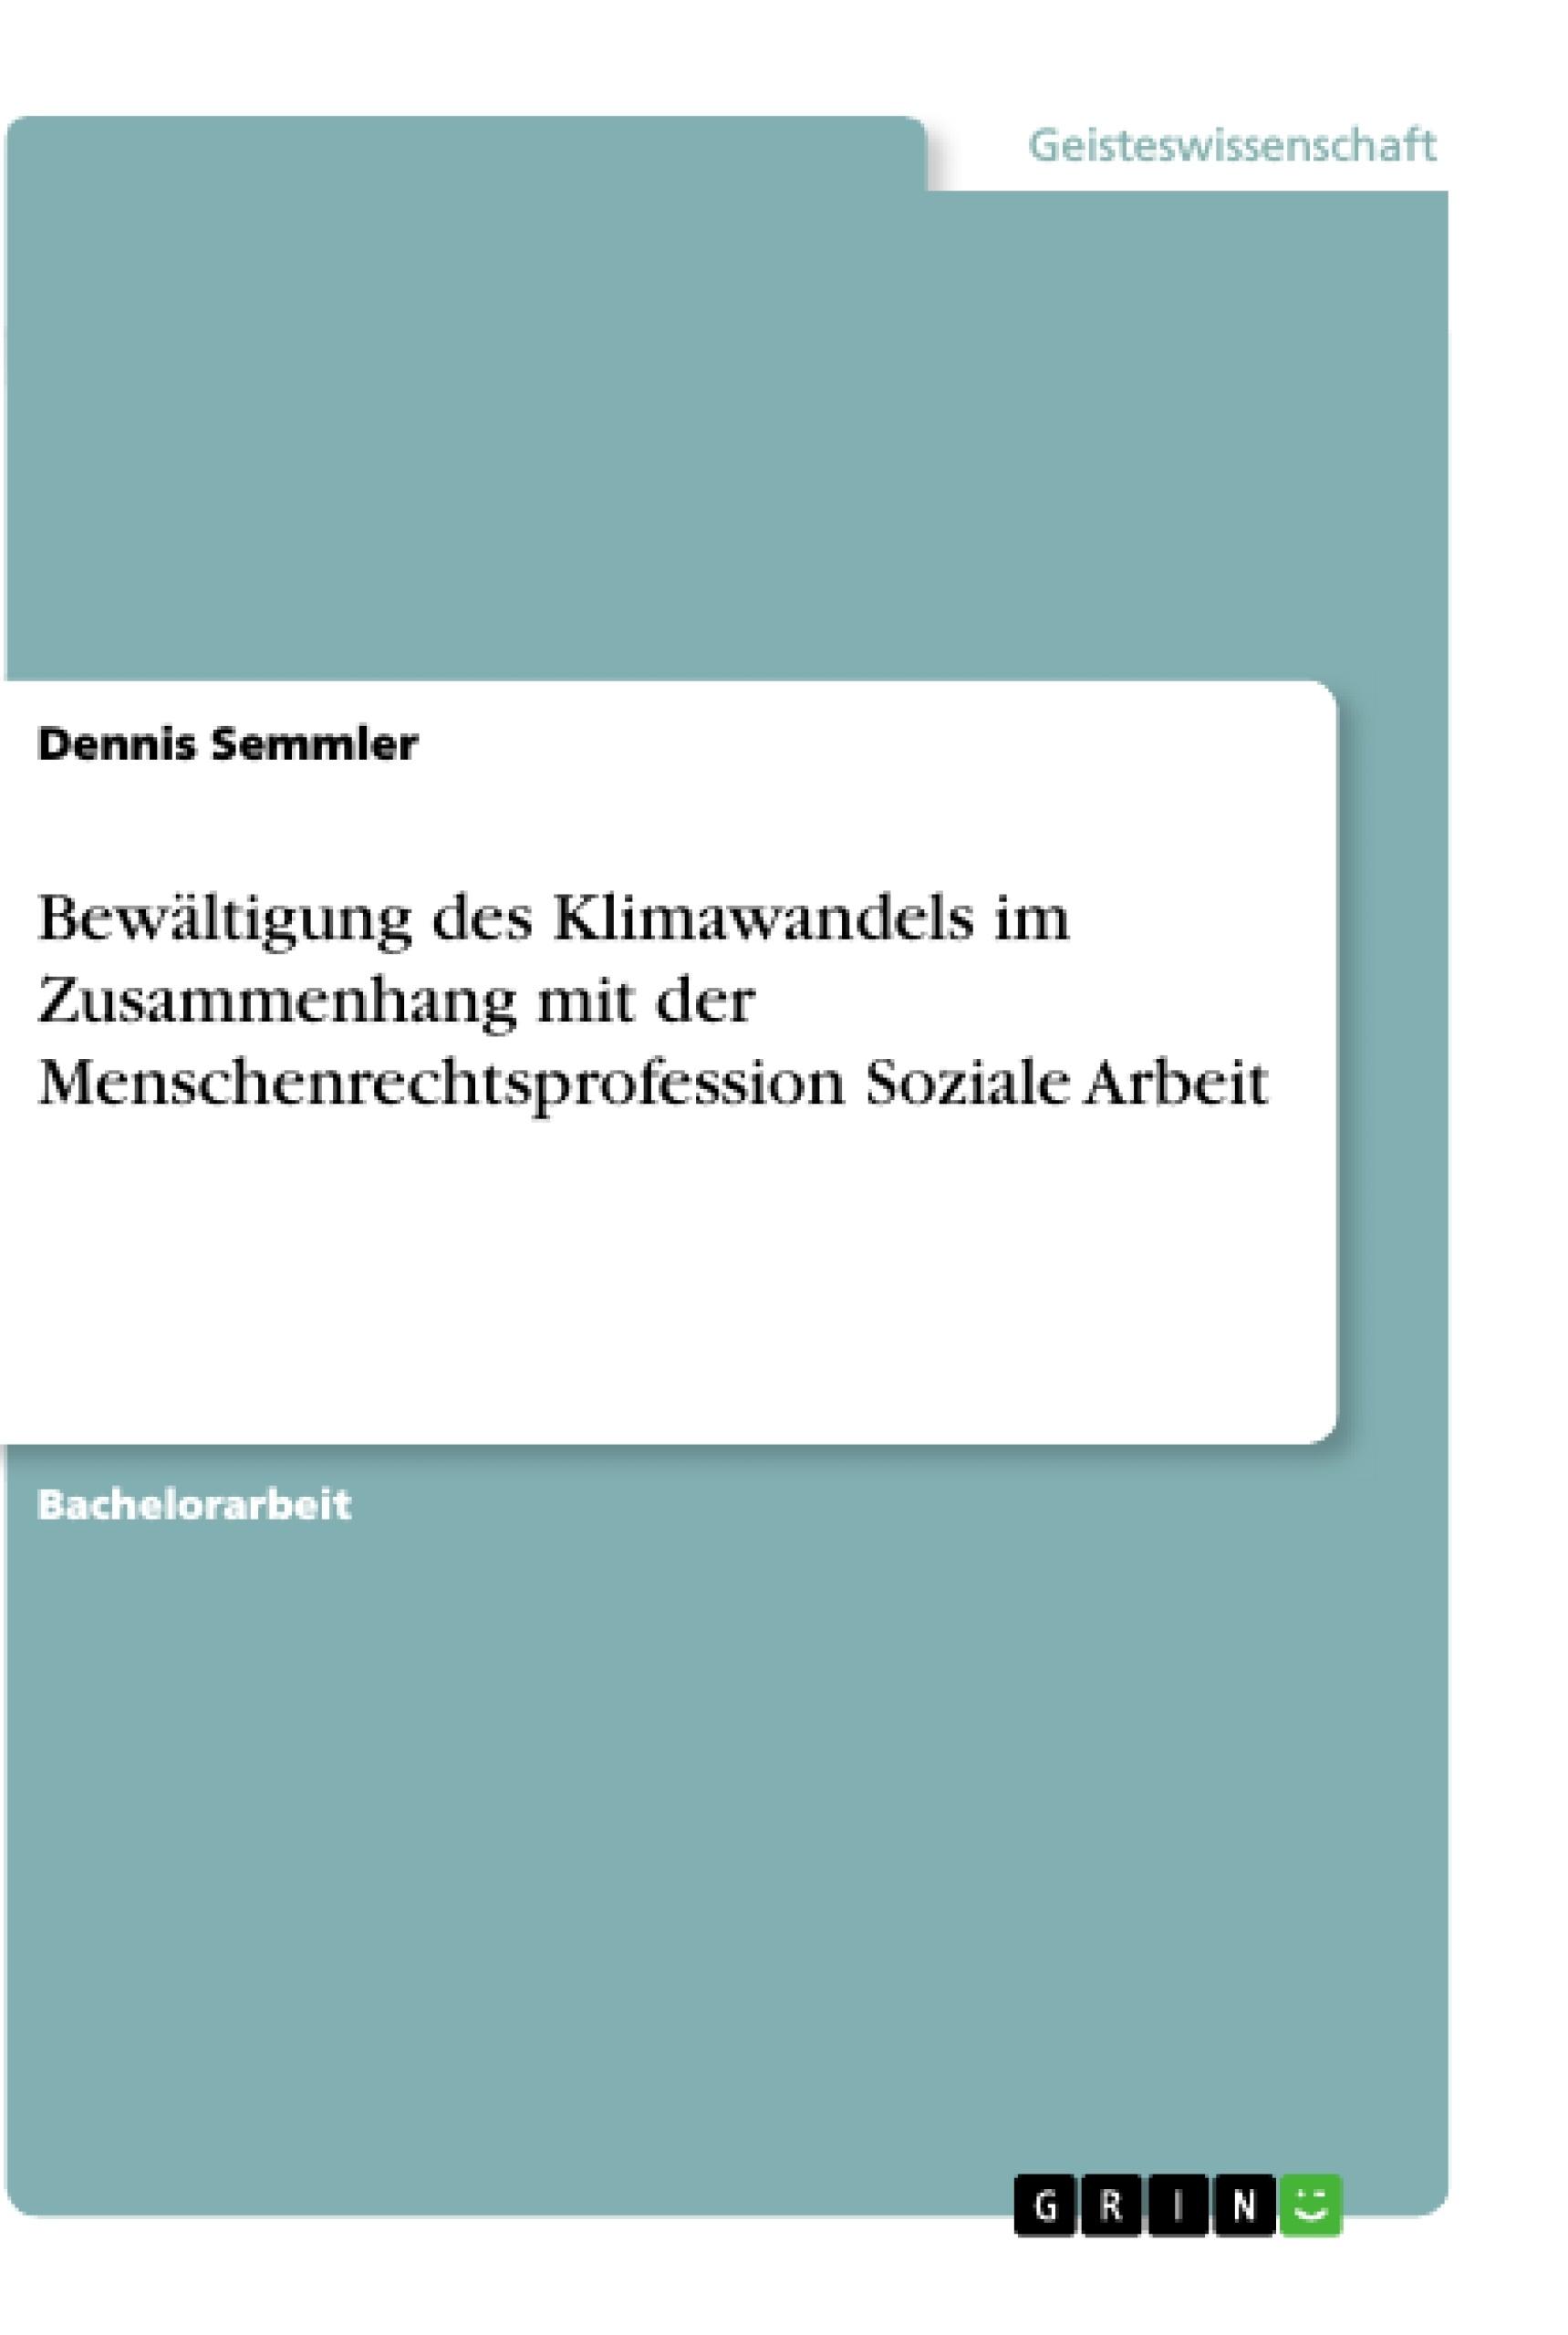 Titel: Bewältigung des Klimawandels im Zusammenhang mit der Menschenrechtsprofession Soziale Arbeit